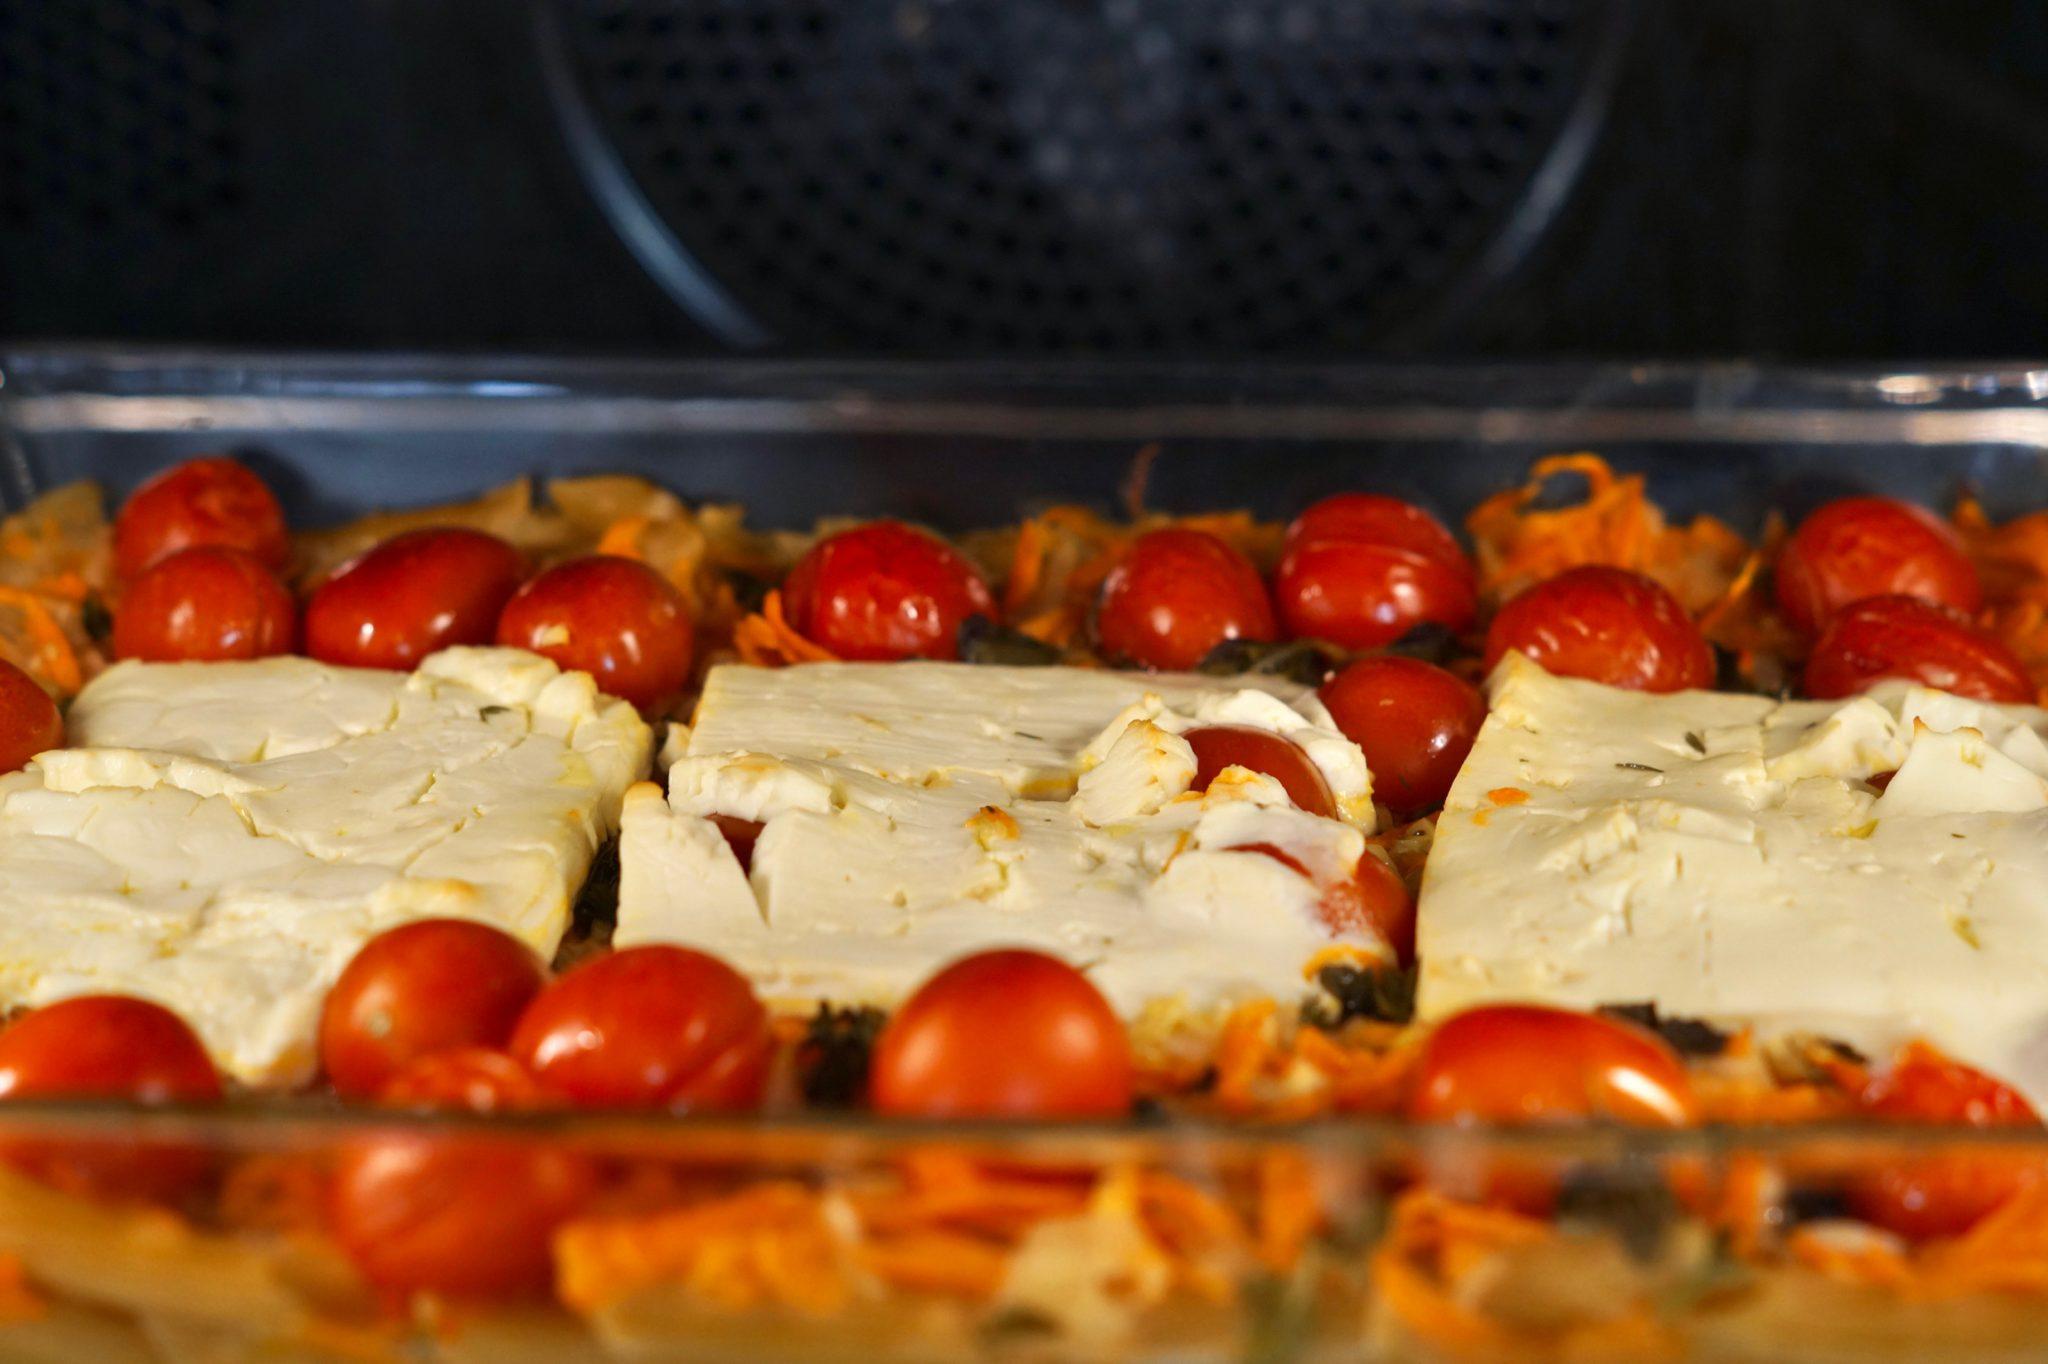 Baked Feta im Ofen - Nahaufnahme